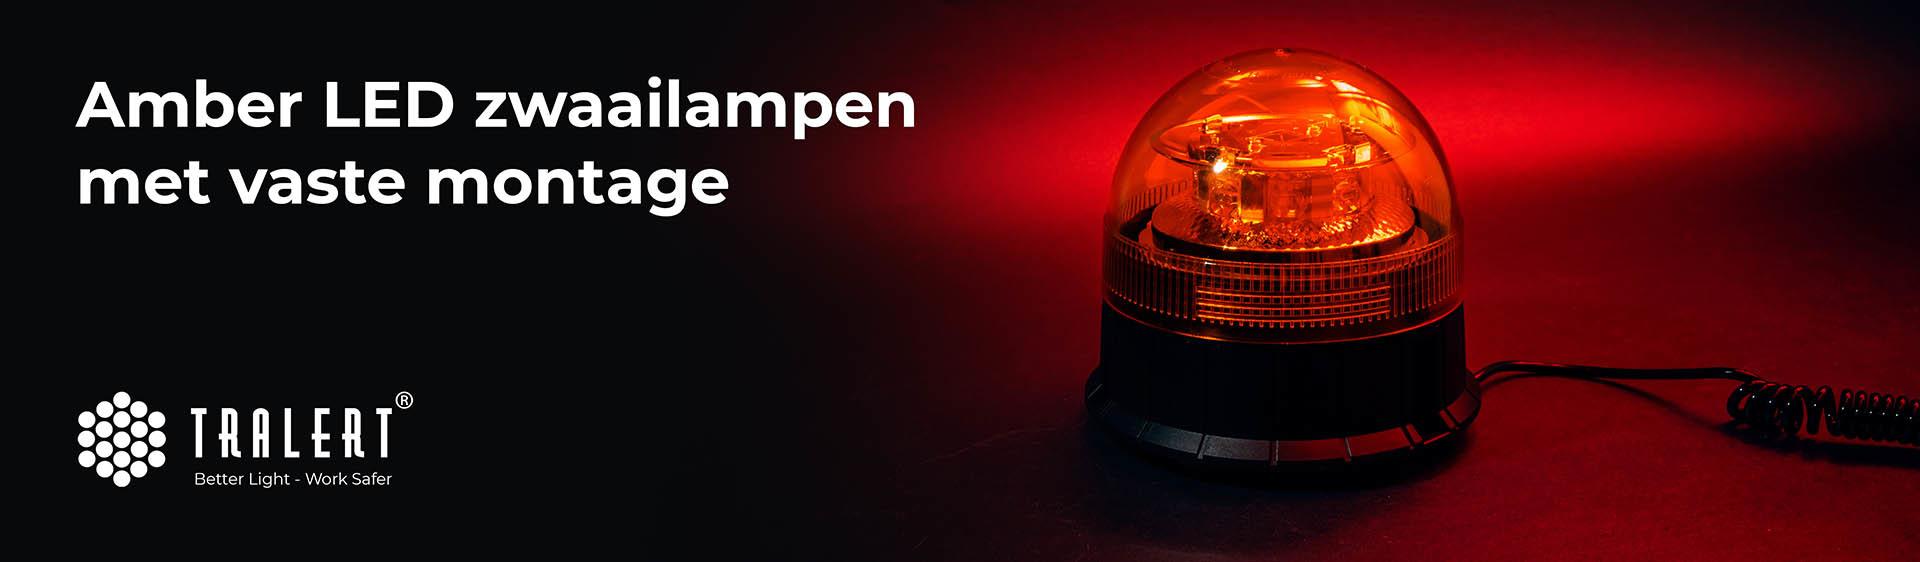 Tralert LED zwaailampen vaste montage amber banner